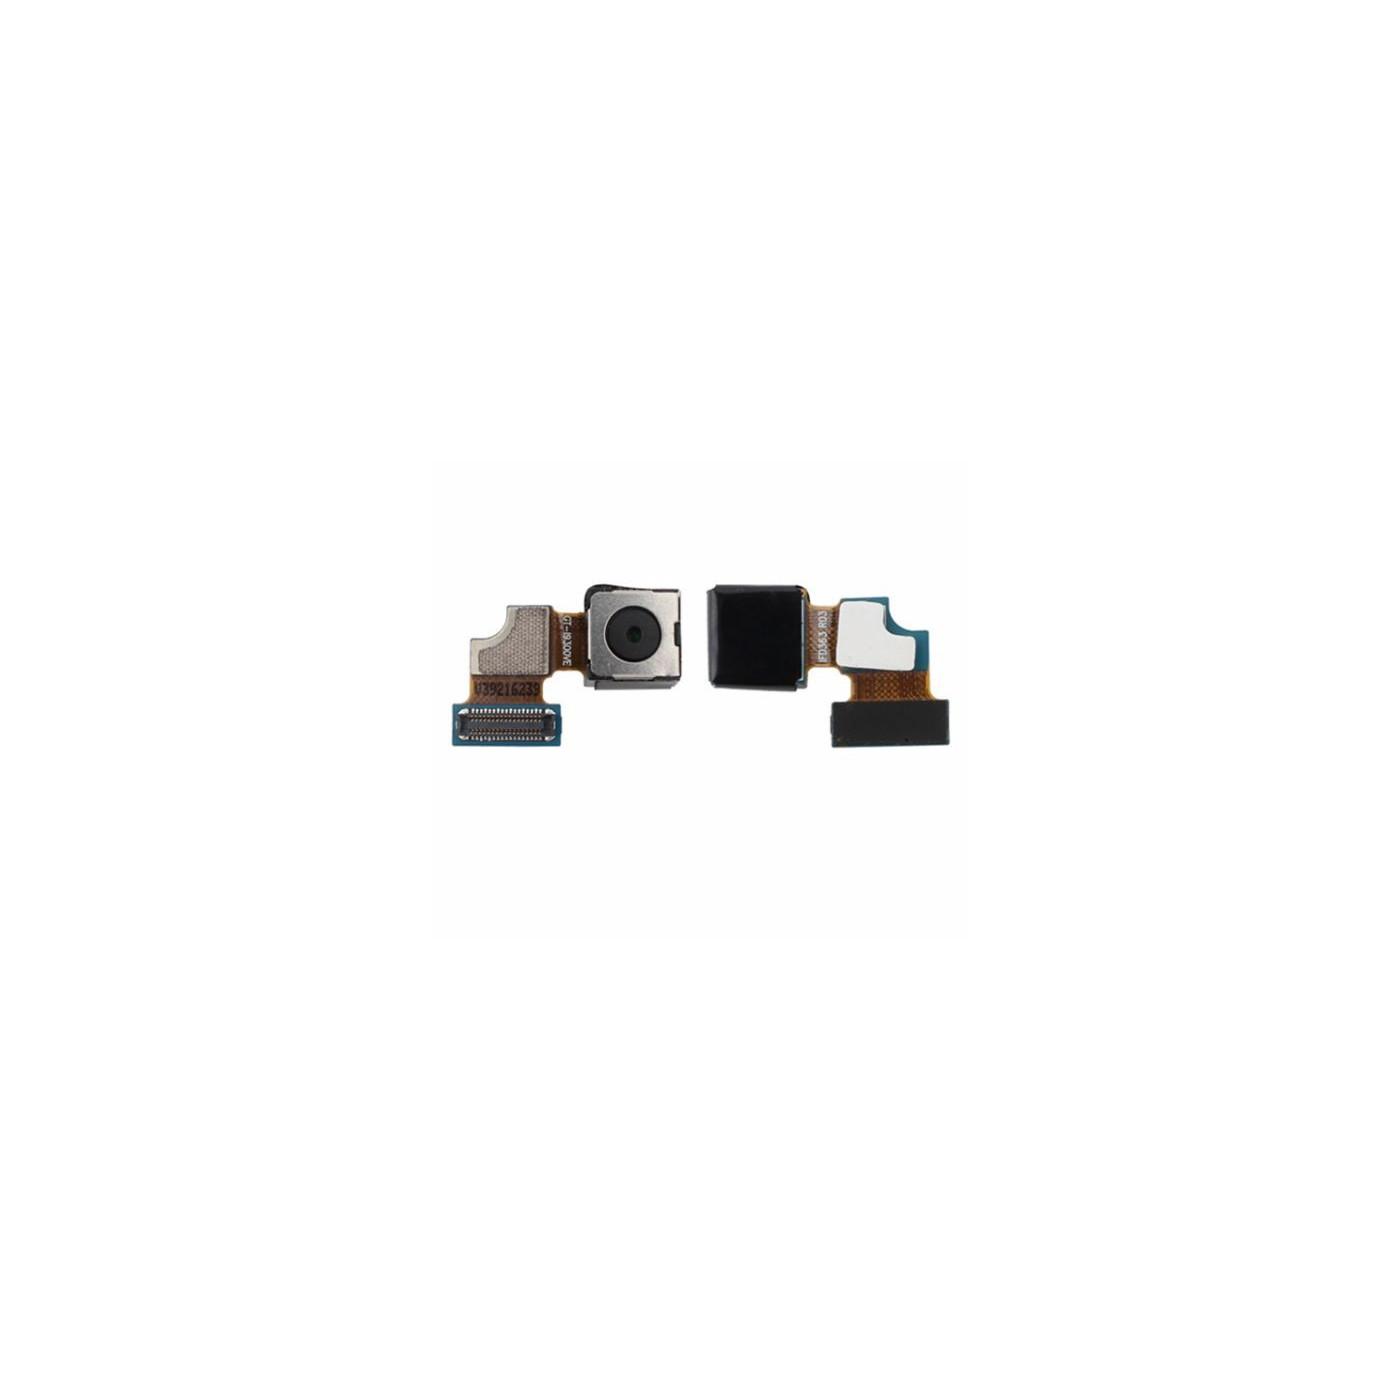 Rückfahrkamera für Galaxy S3 i9300